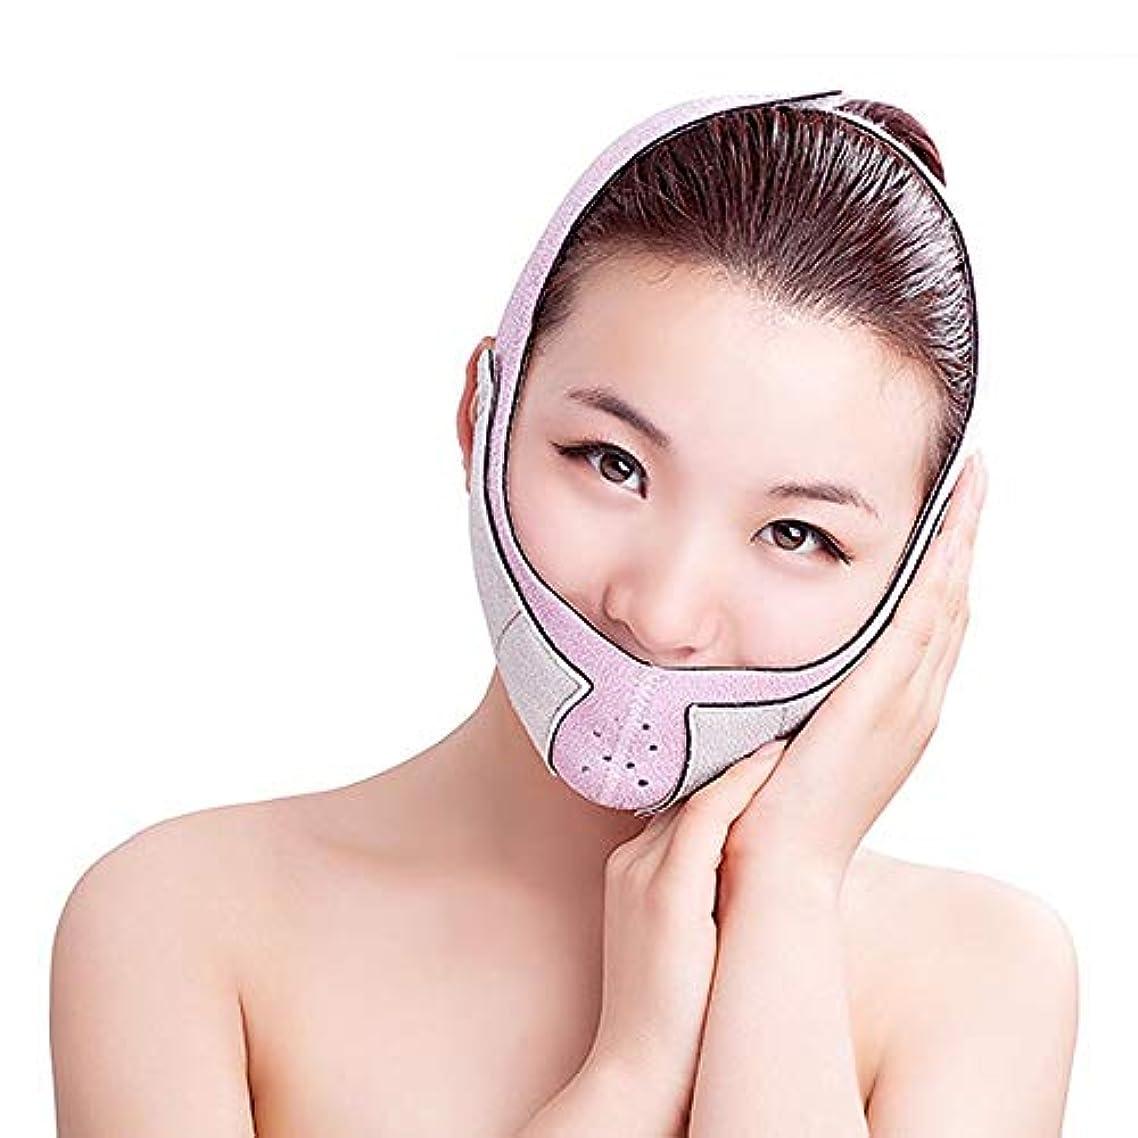 予測するお下に薄い顔のベルト - 薄い顔のベルト通気性の補正3D薄い顔のV顔のベルトの包帯薄い顔のアーティファクト 美しさ (色 : B)